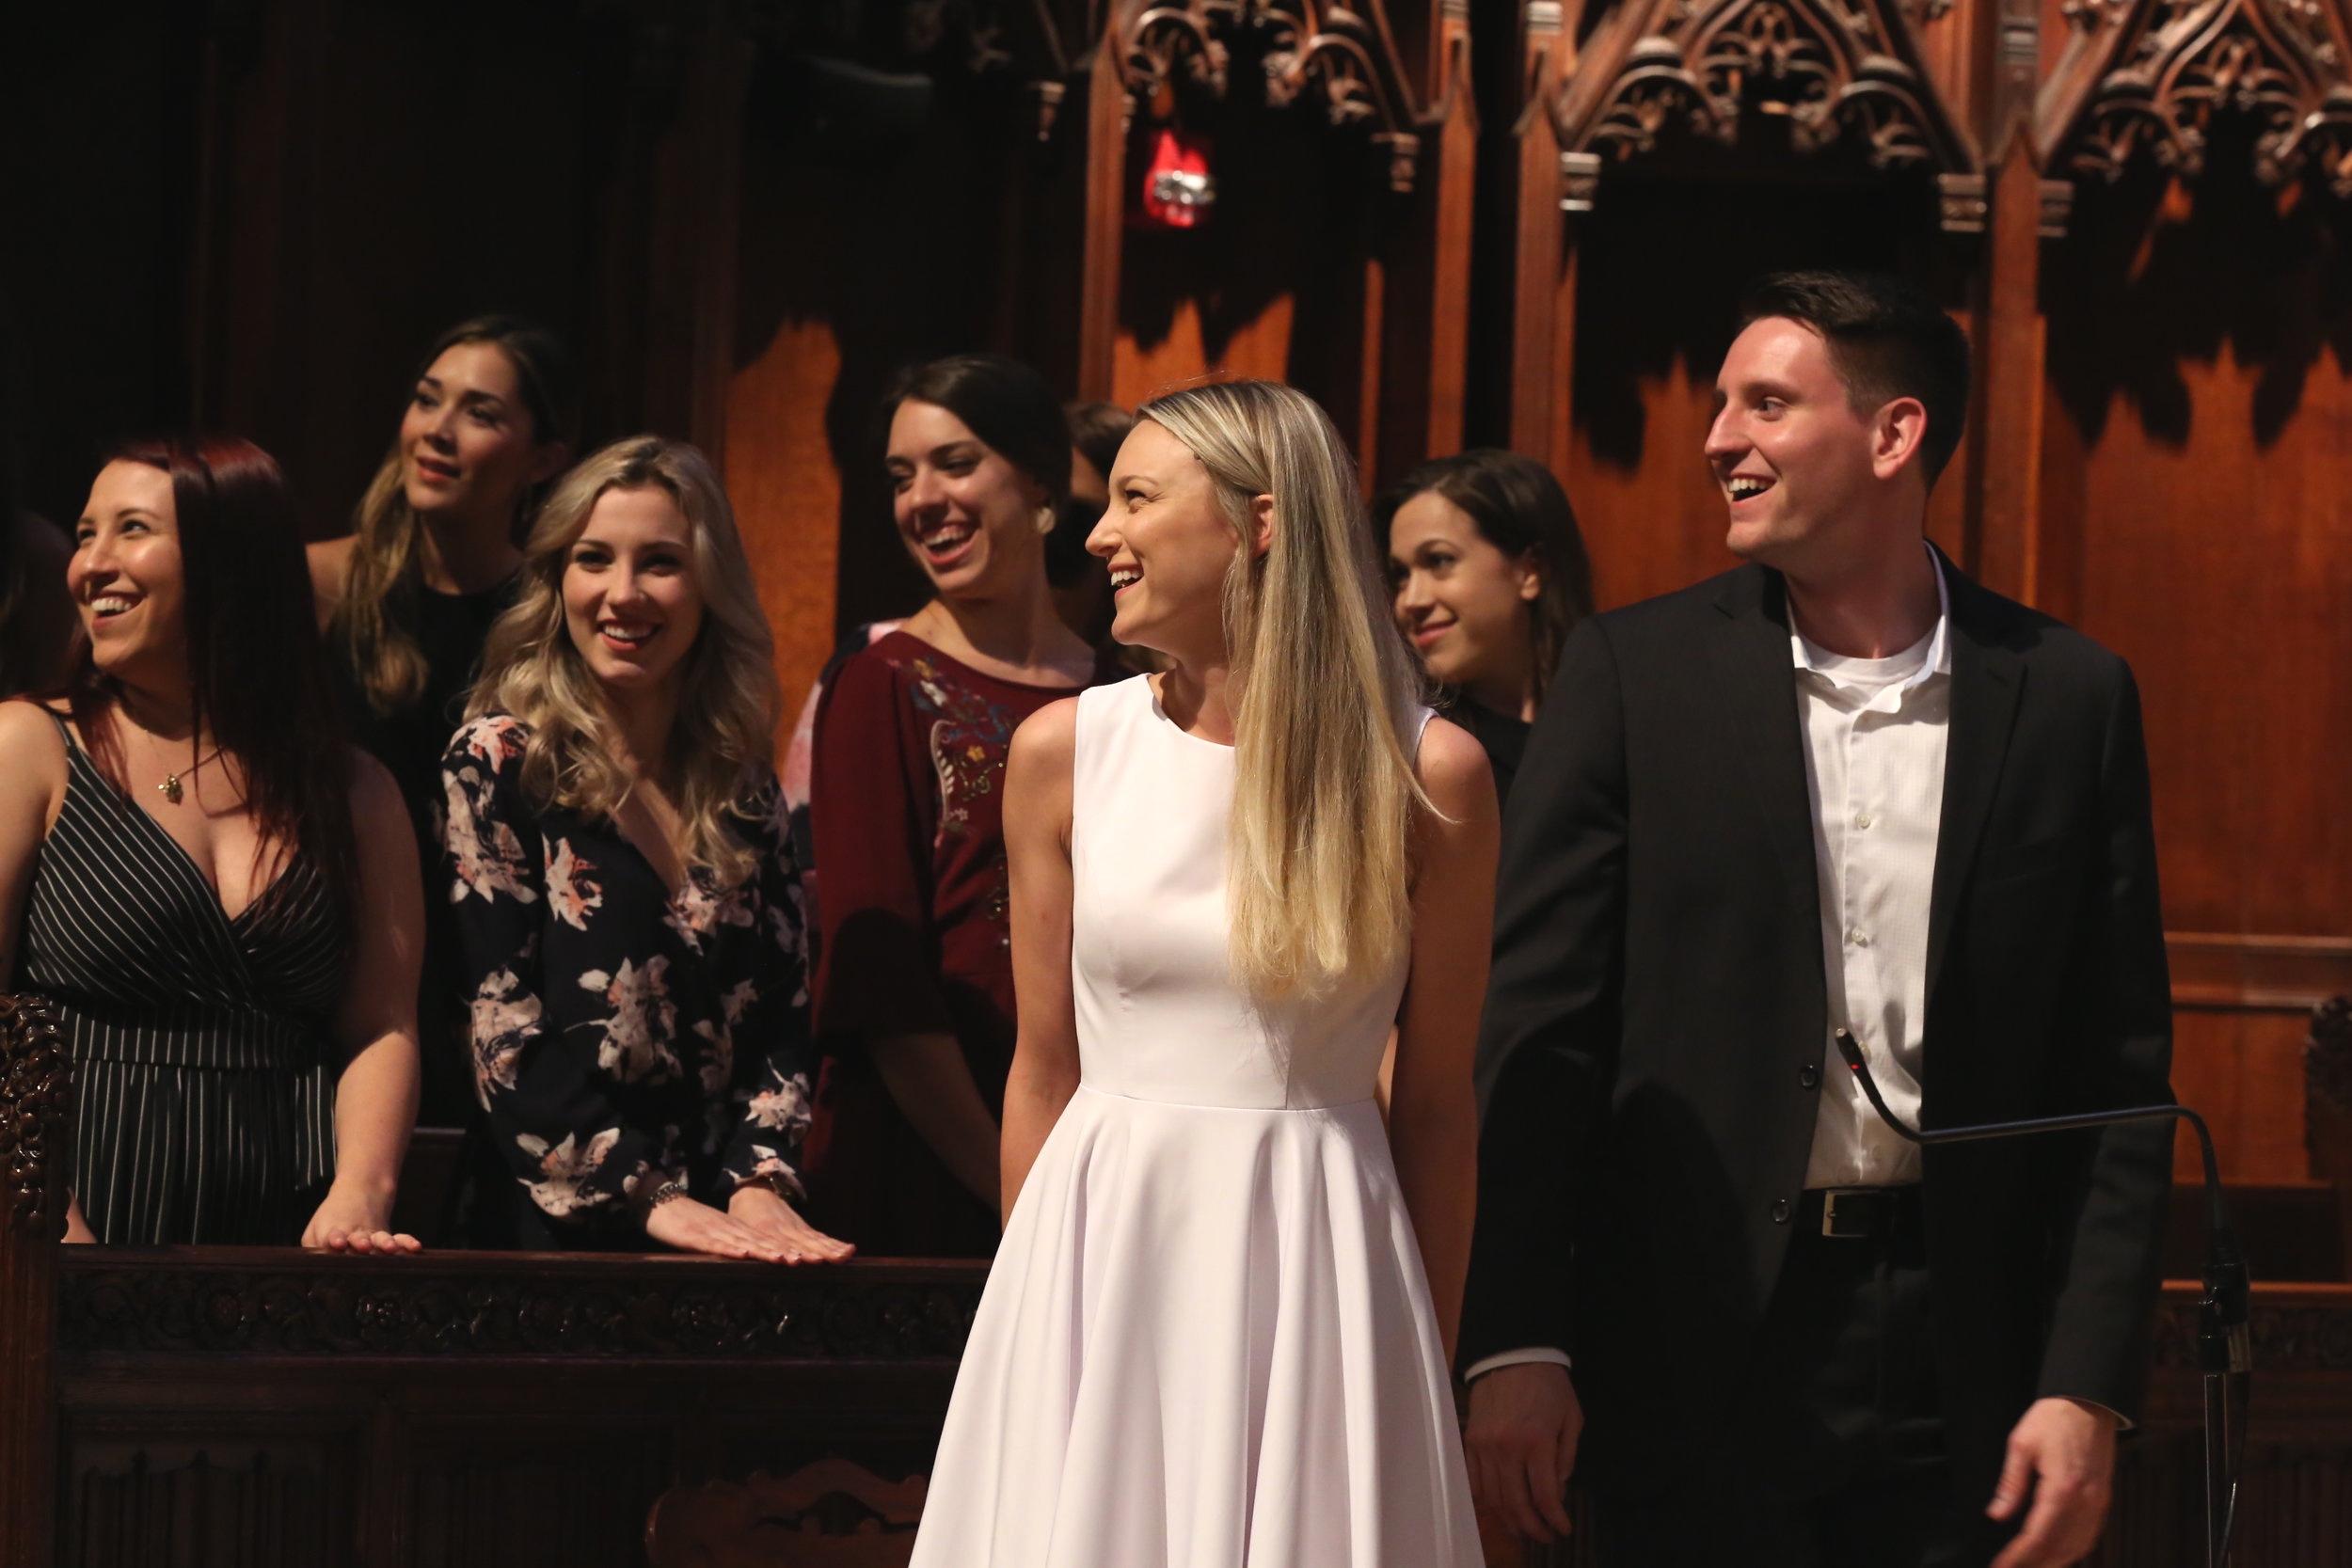 The Pittsburgh Wedding Chapel